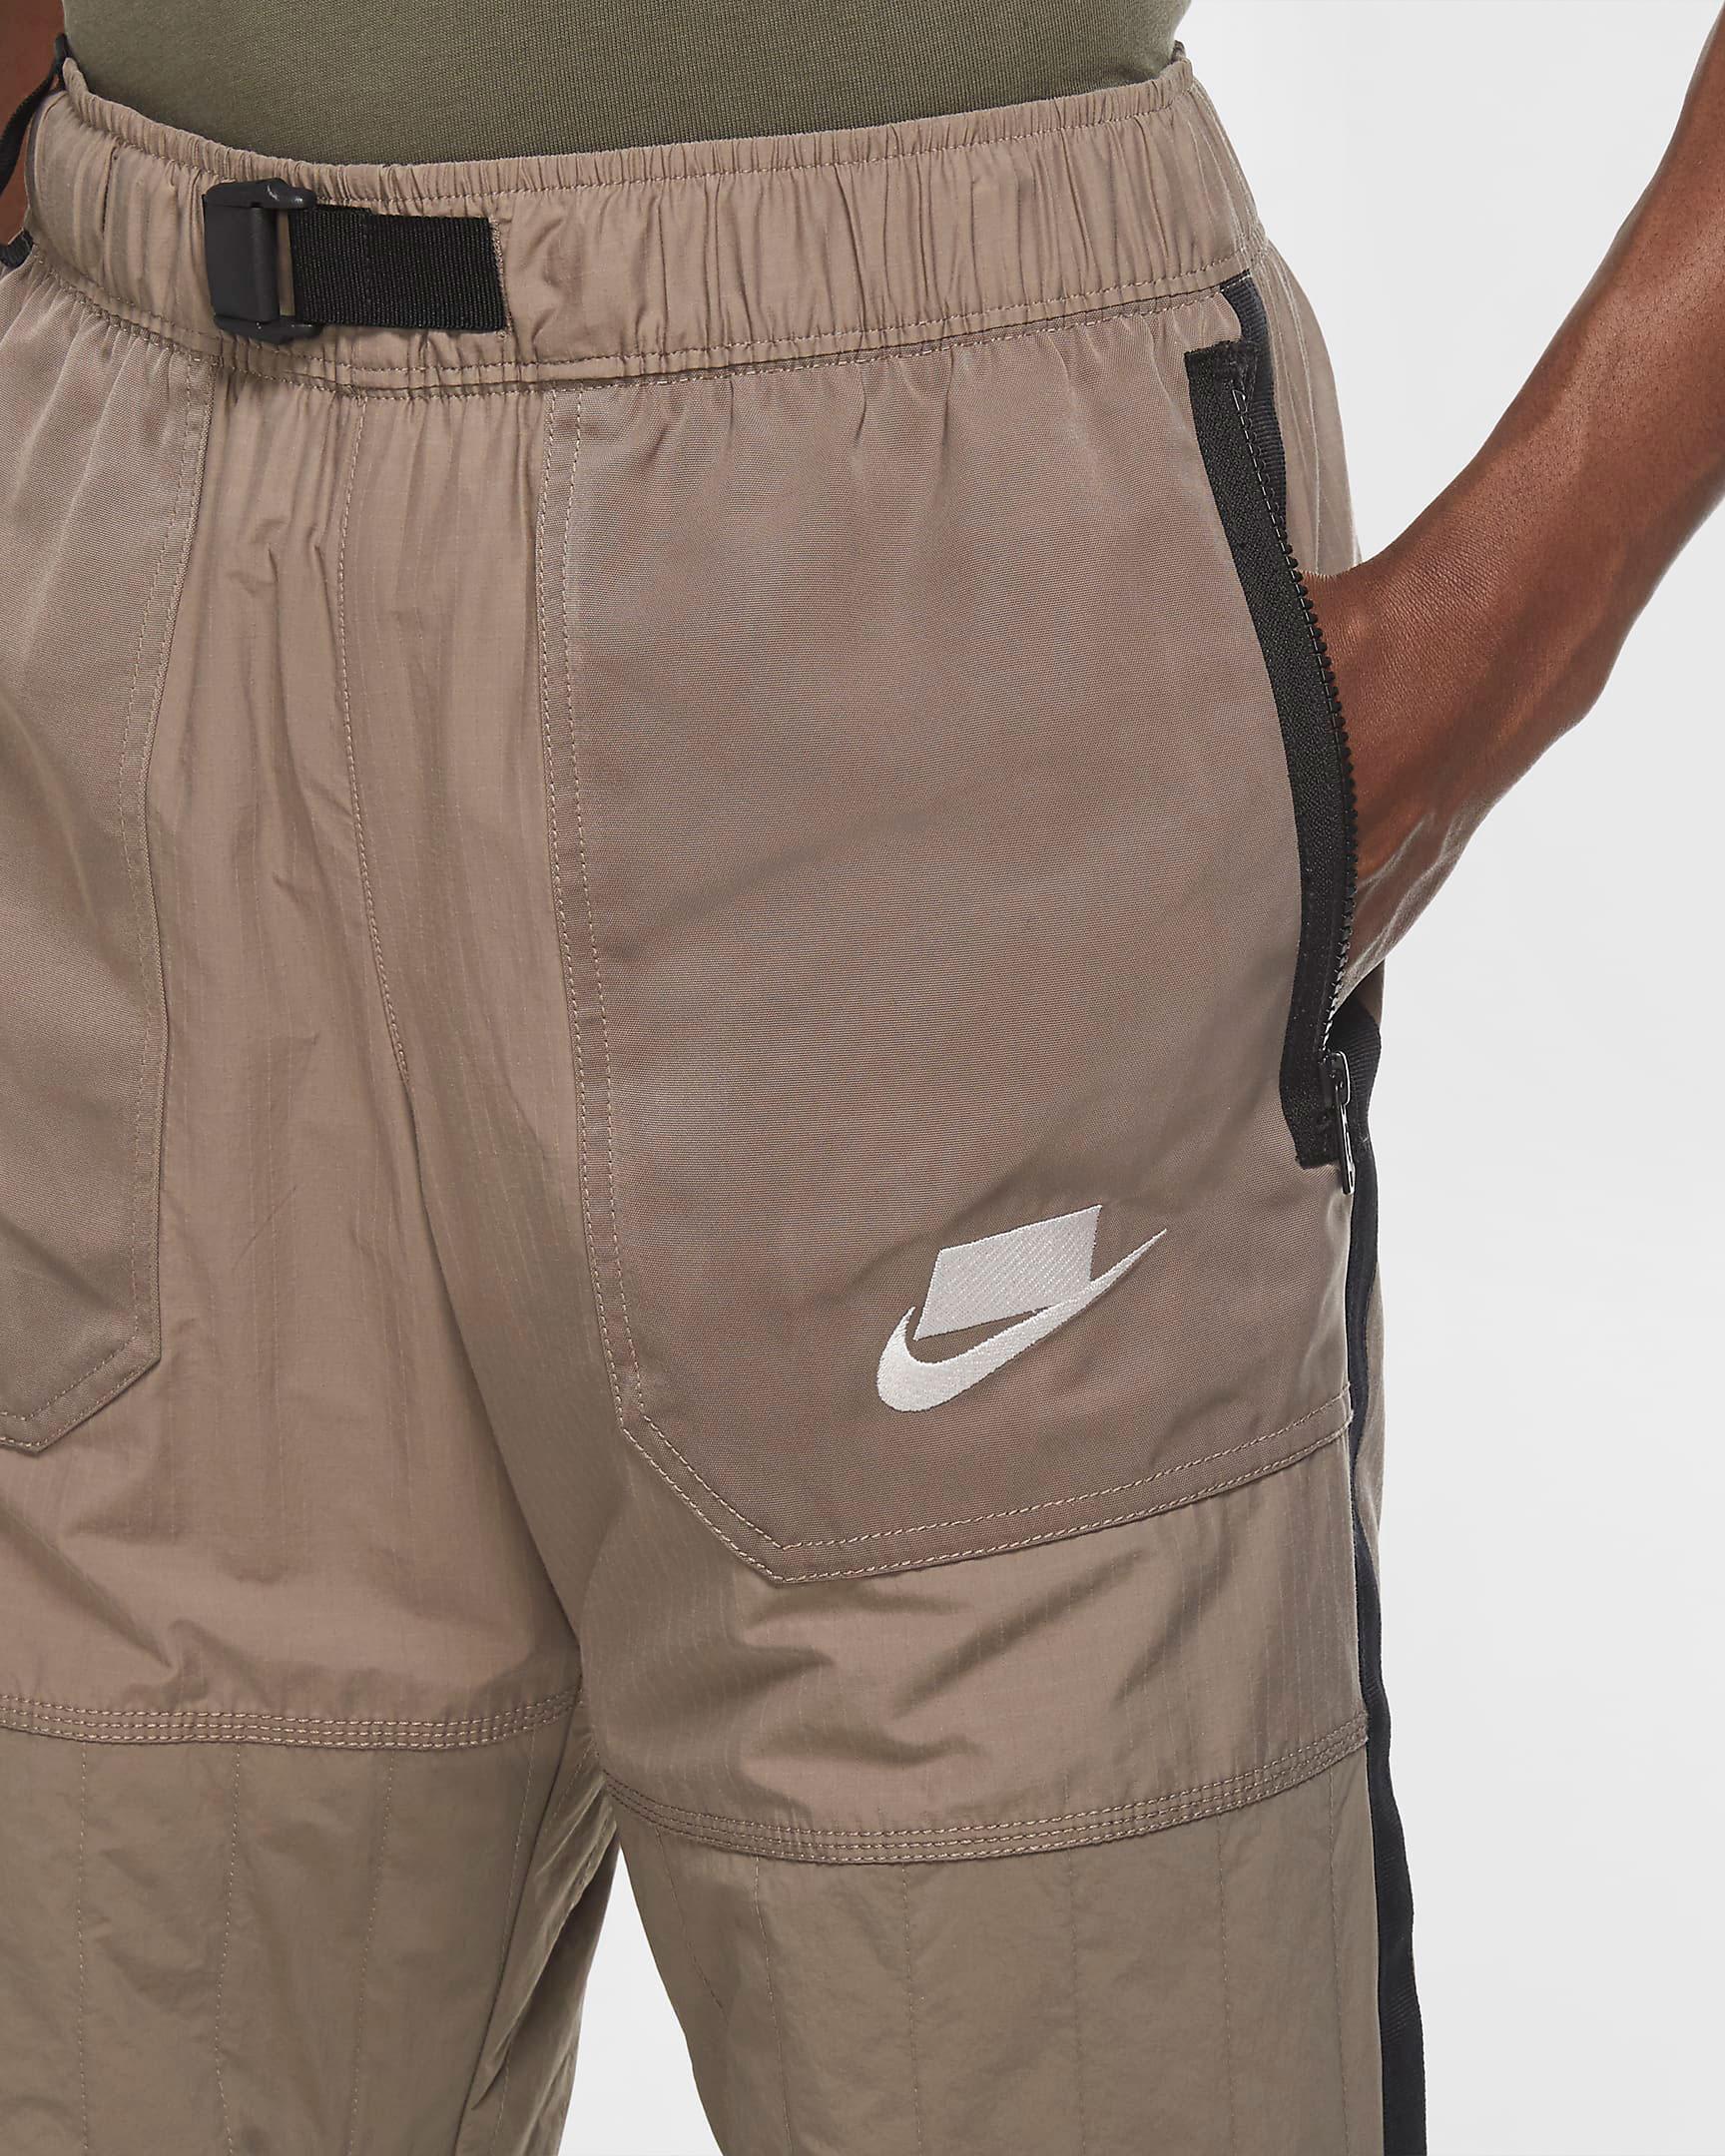 nike-sportswear-woven-pants-olive-grey-6